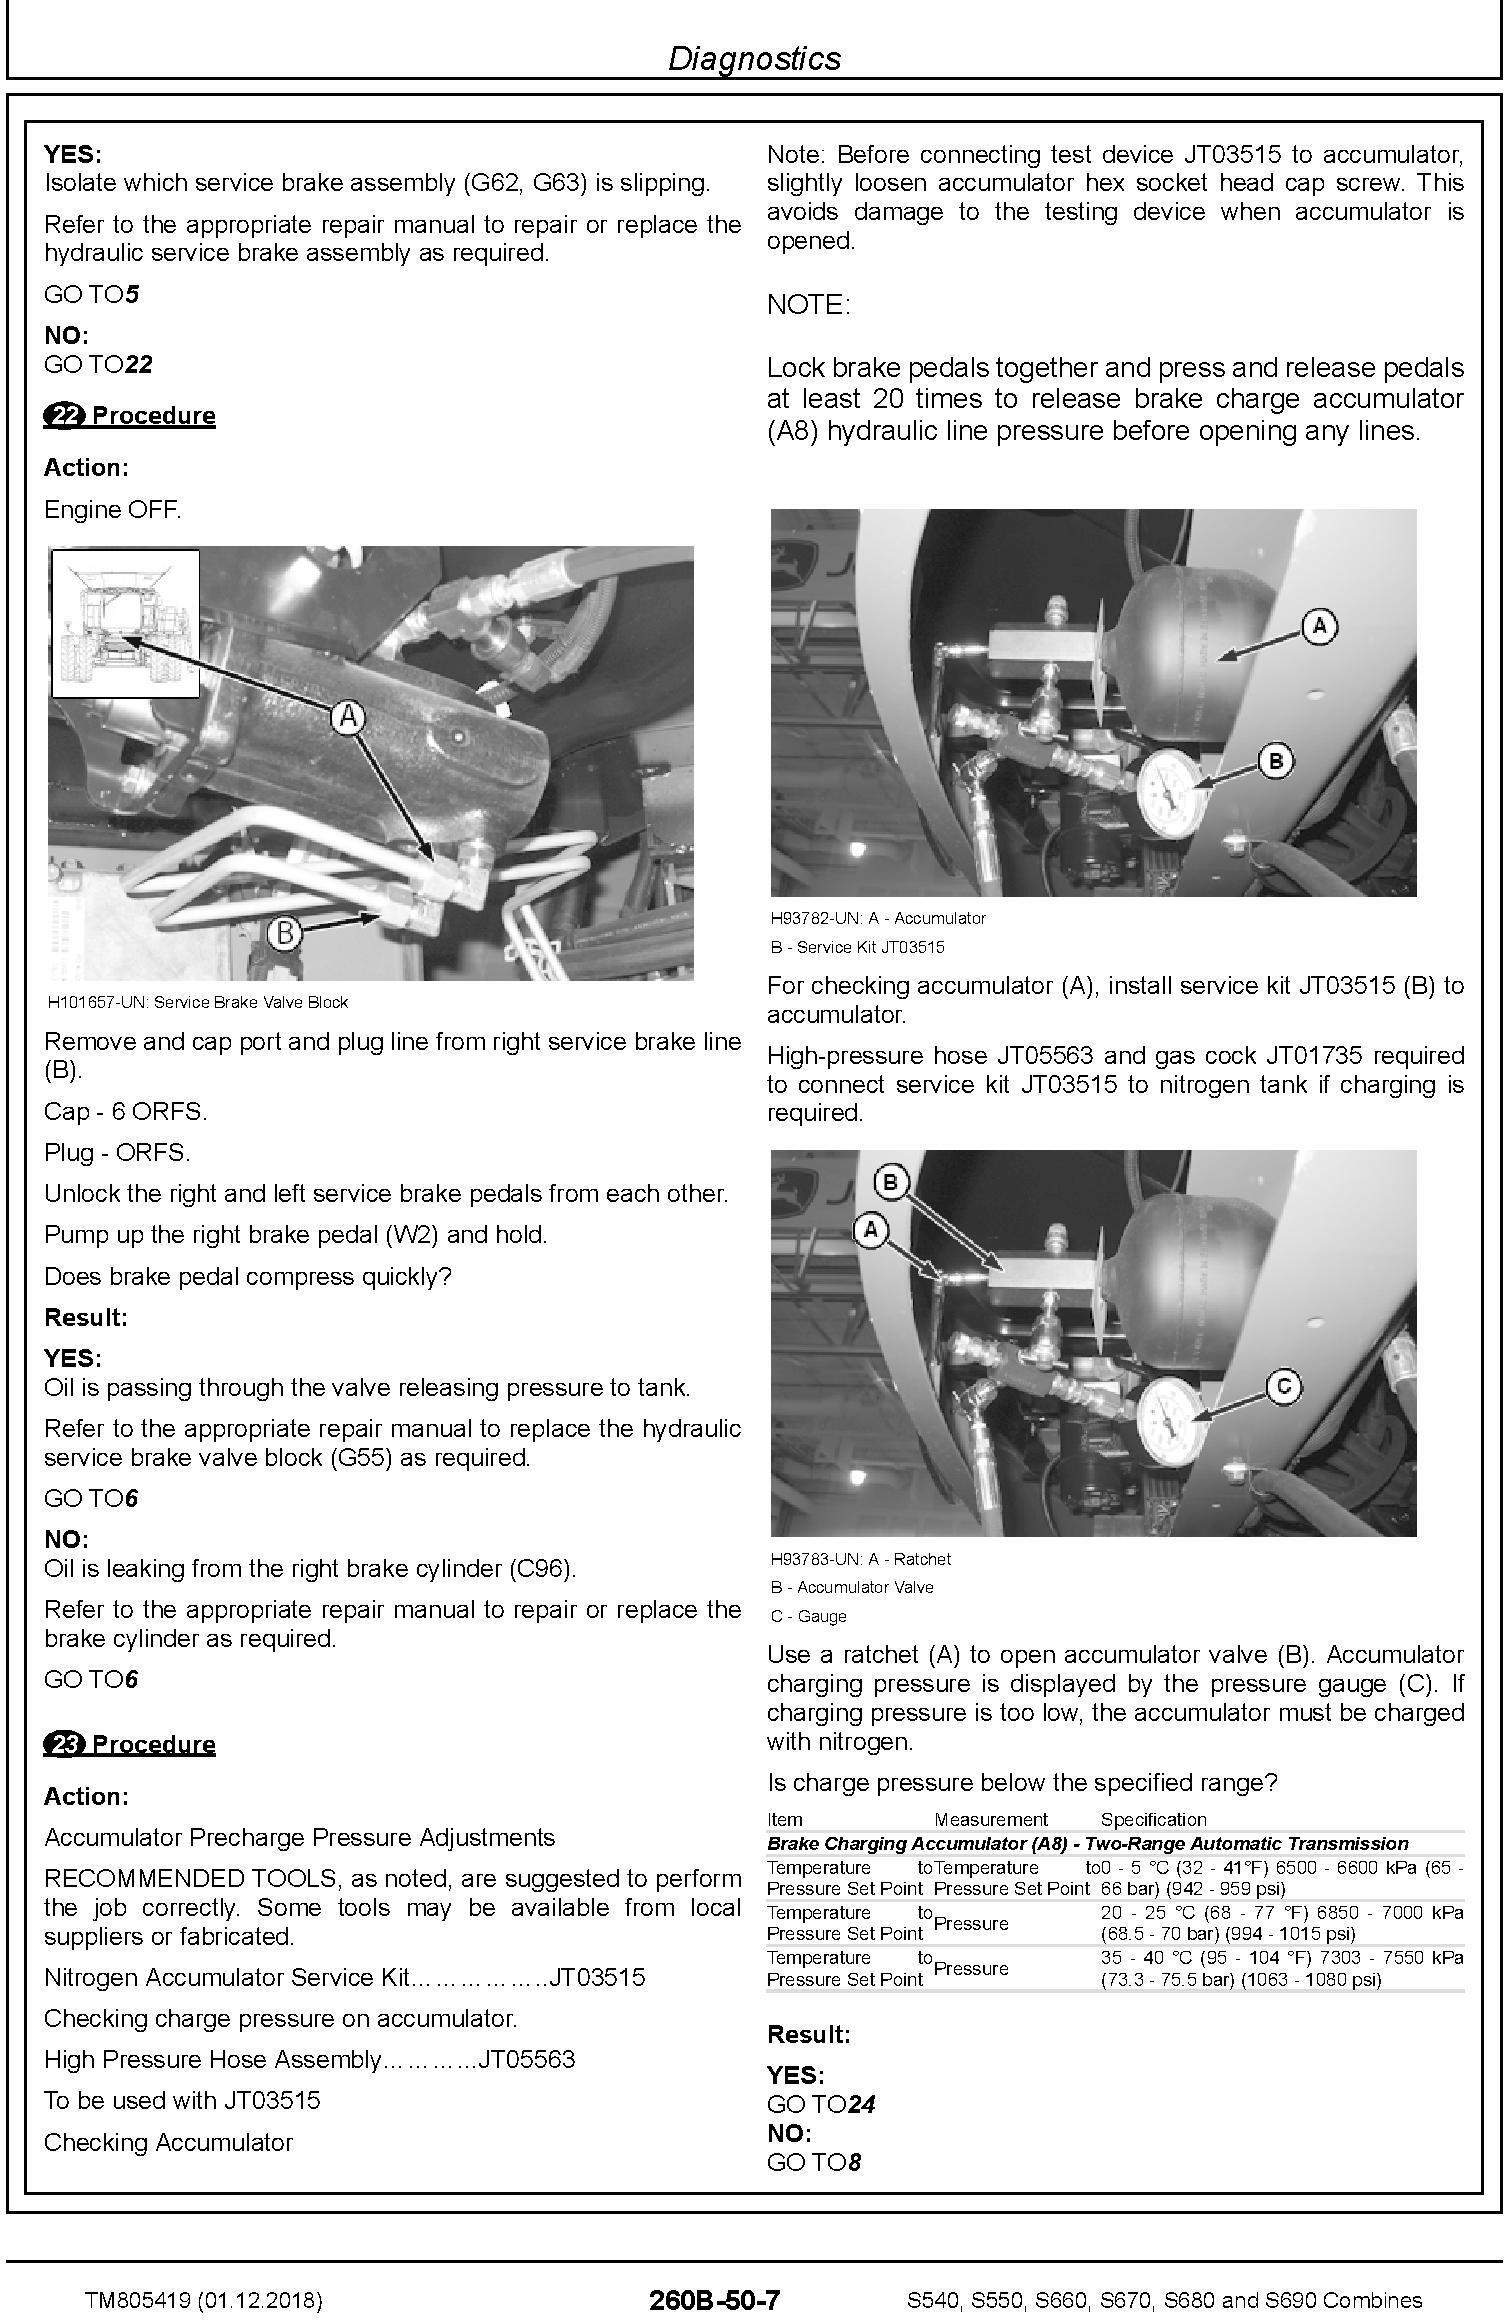 John Deere S540, S550, S660, S670, S680, S690 Combines (SN.120100-) Diagnostic Manual (TM805419) - 2